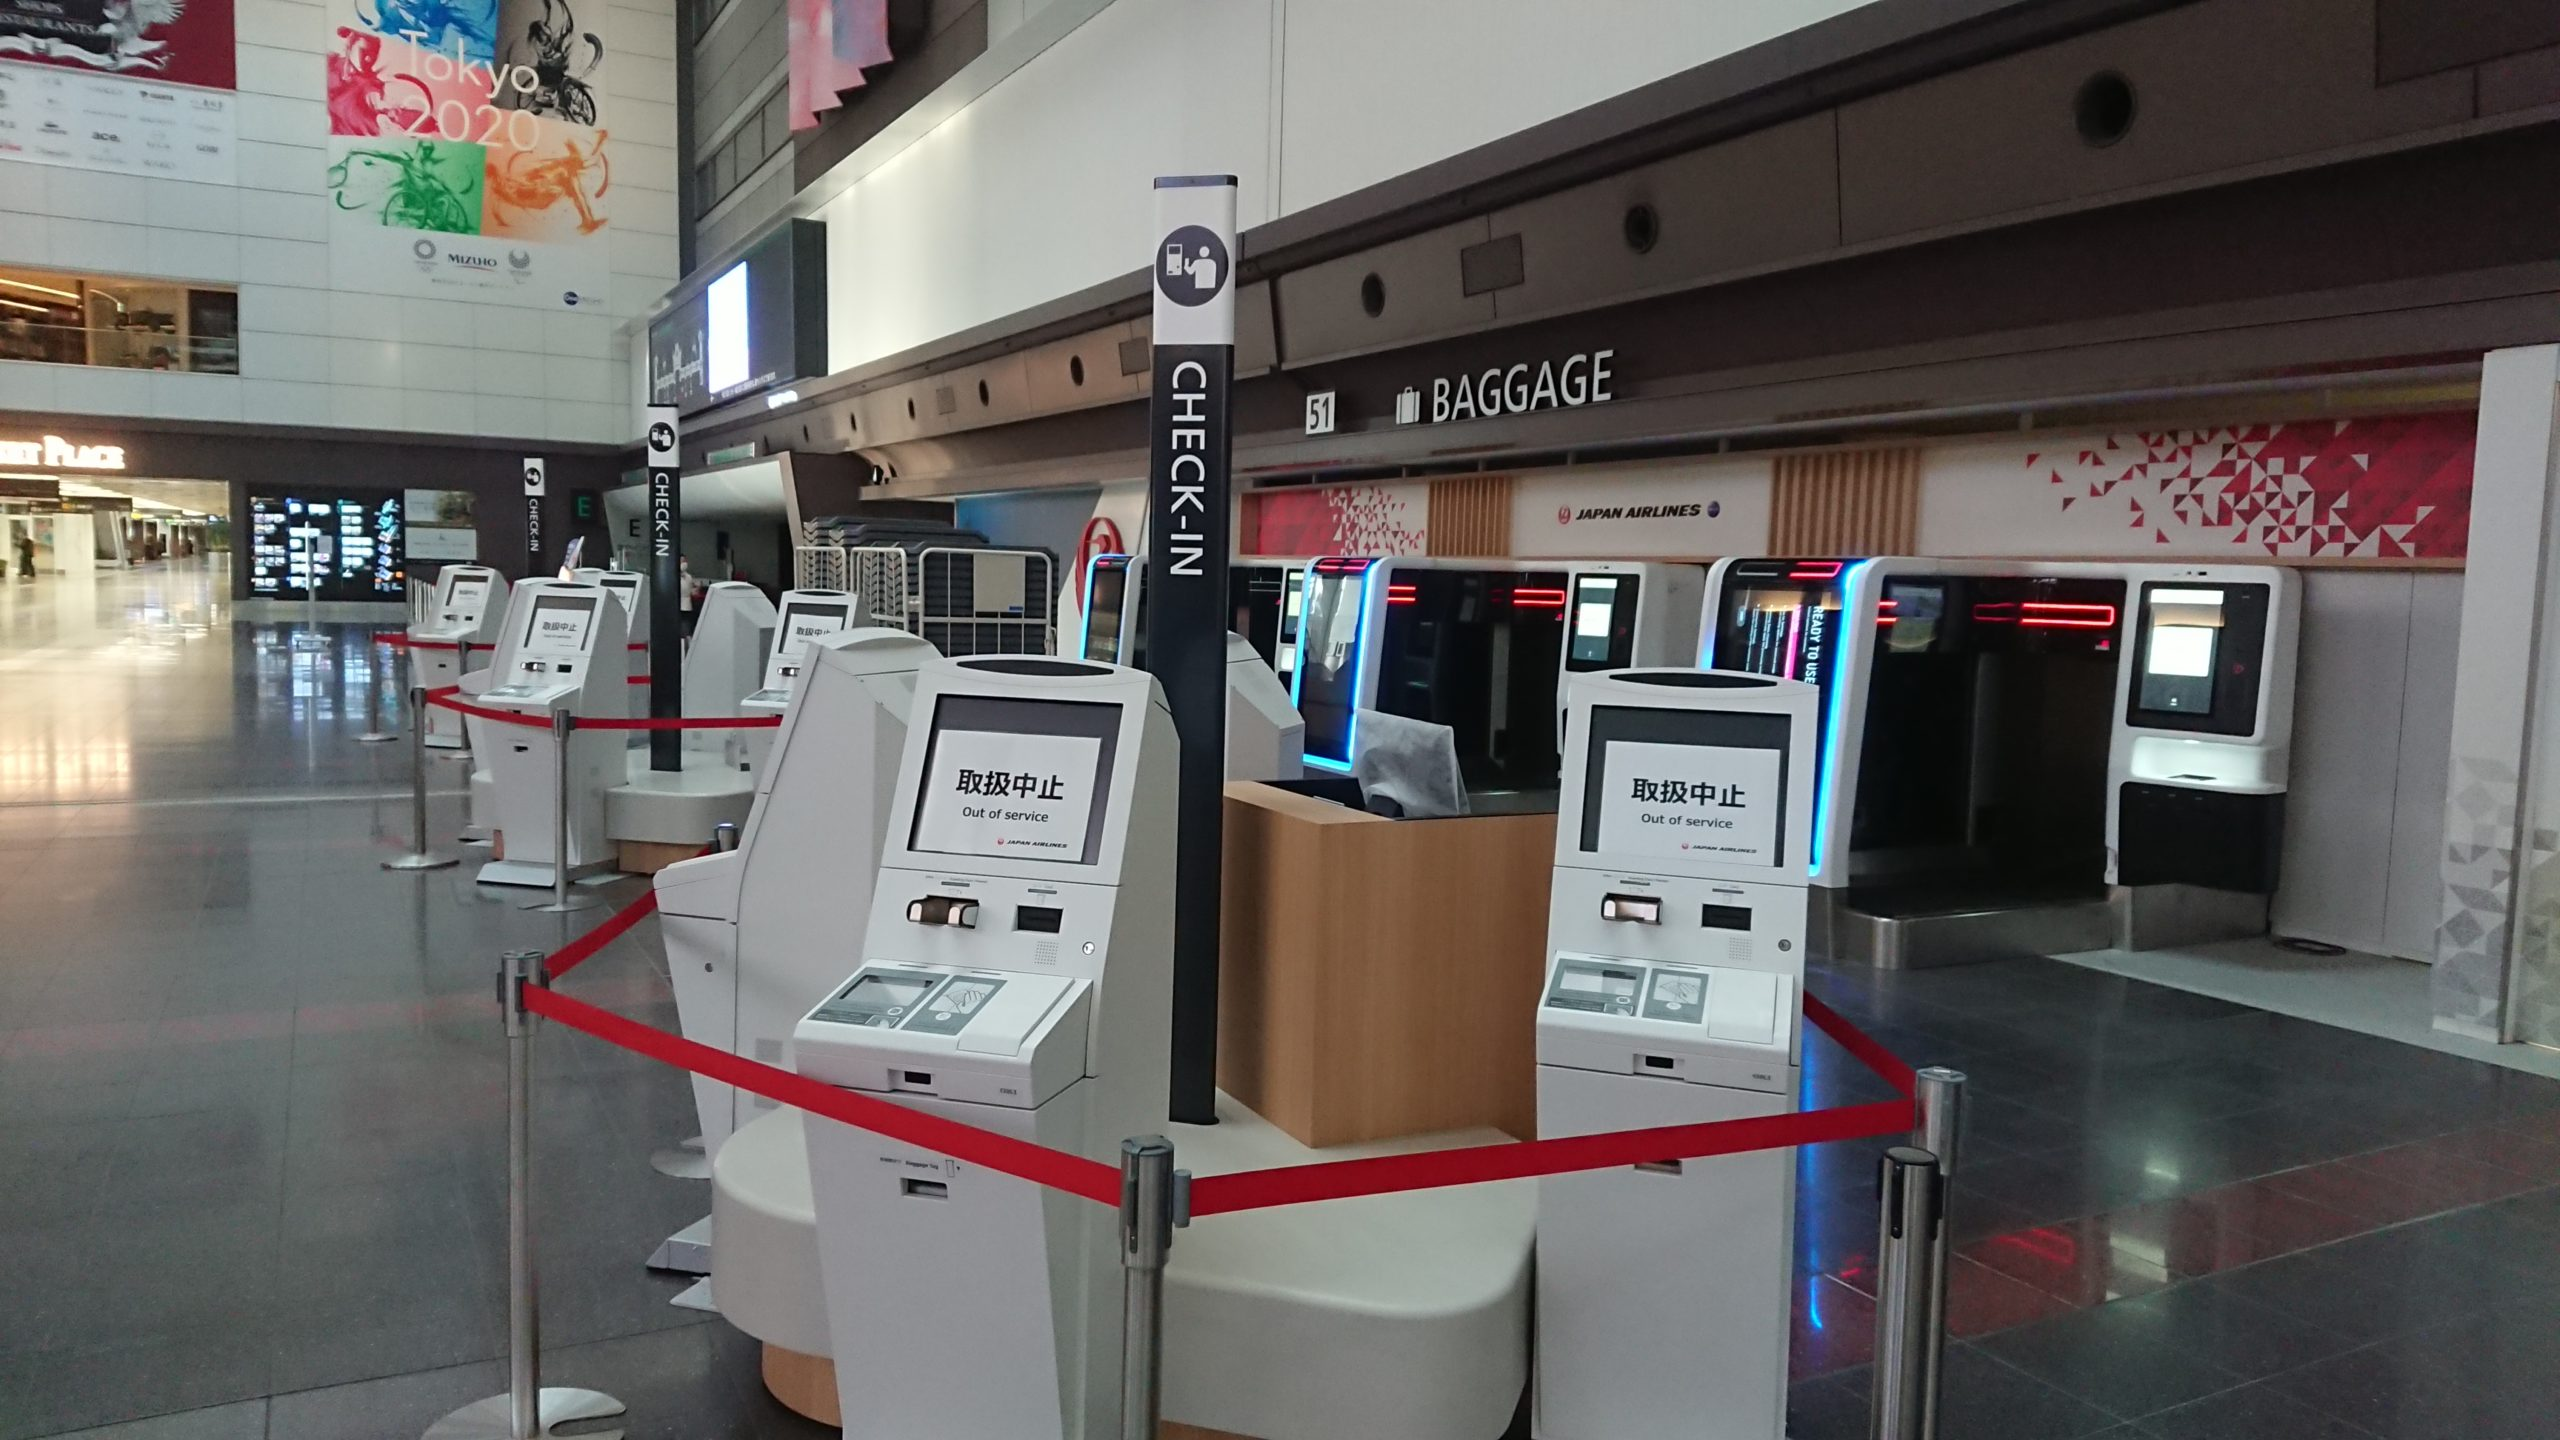 羽田空港 第一ターミナル 北ウィング